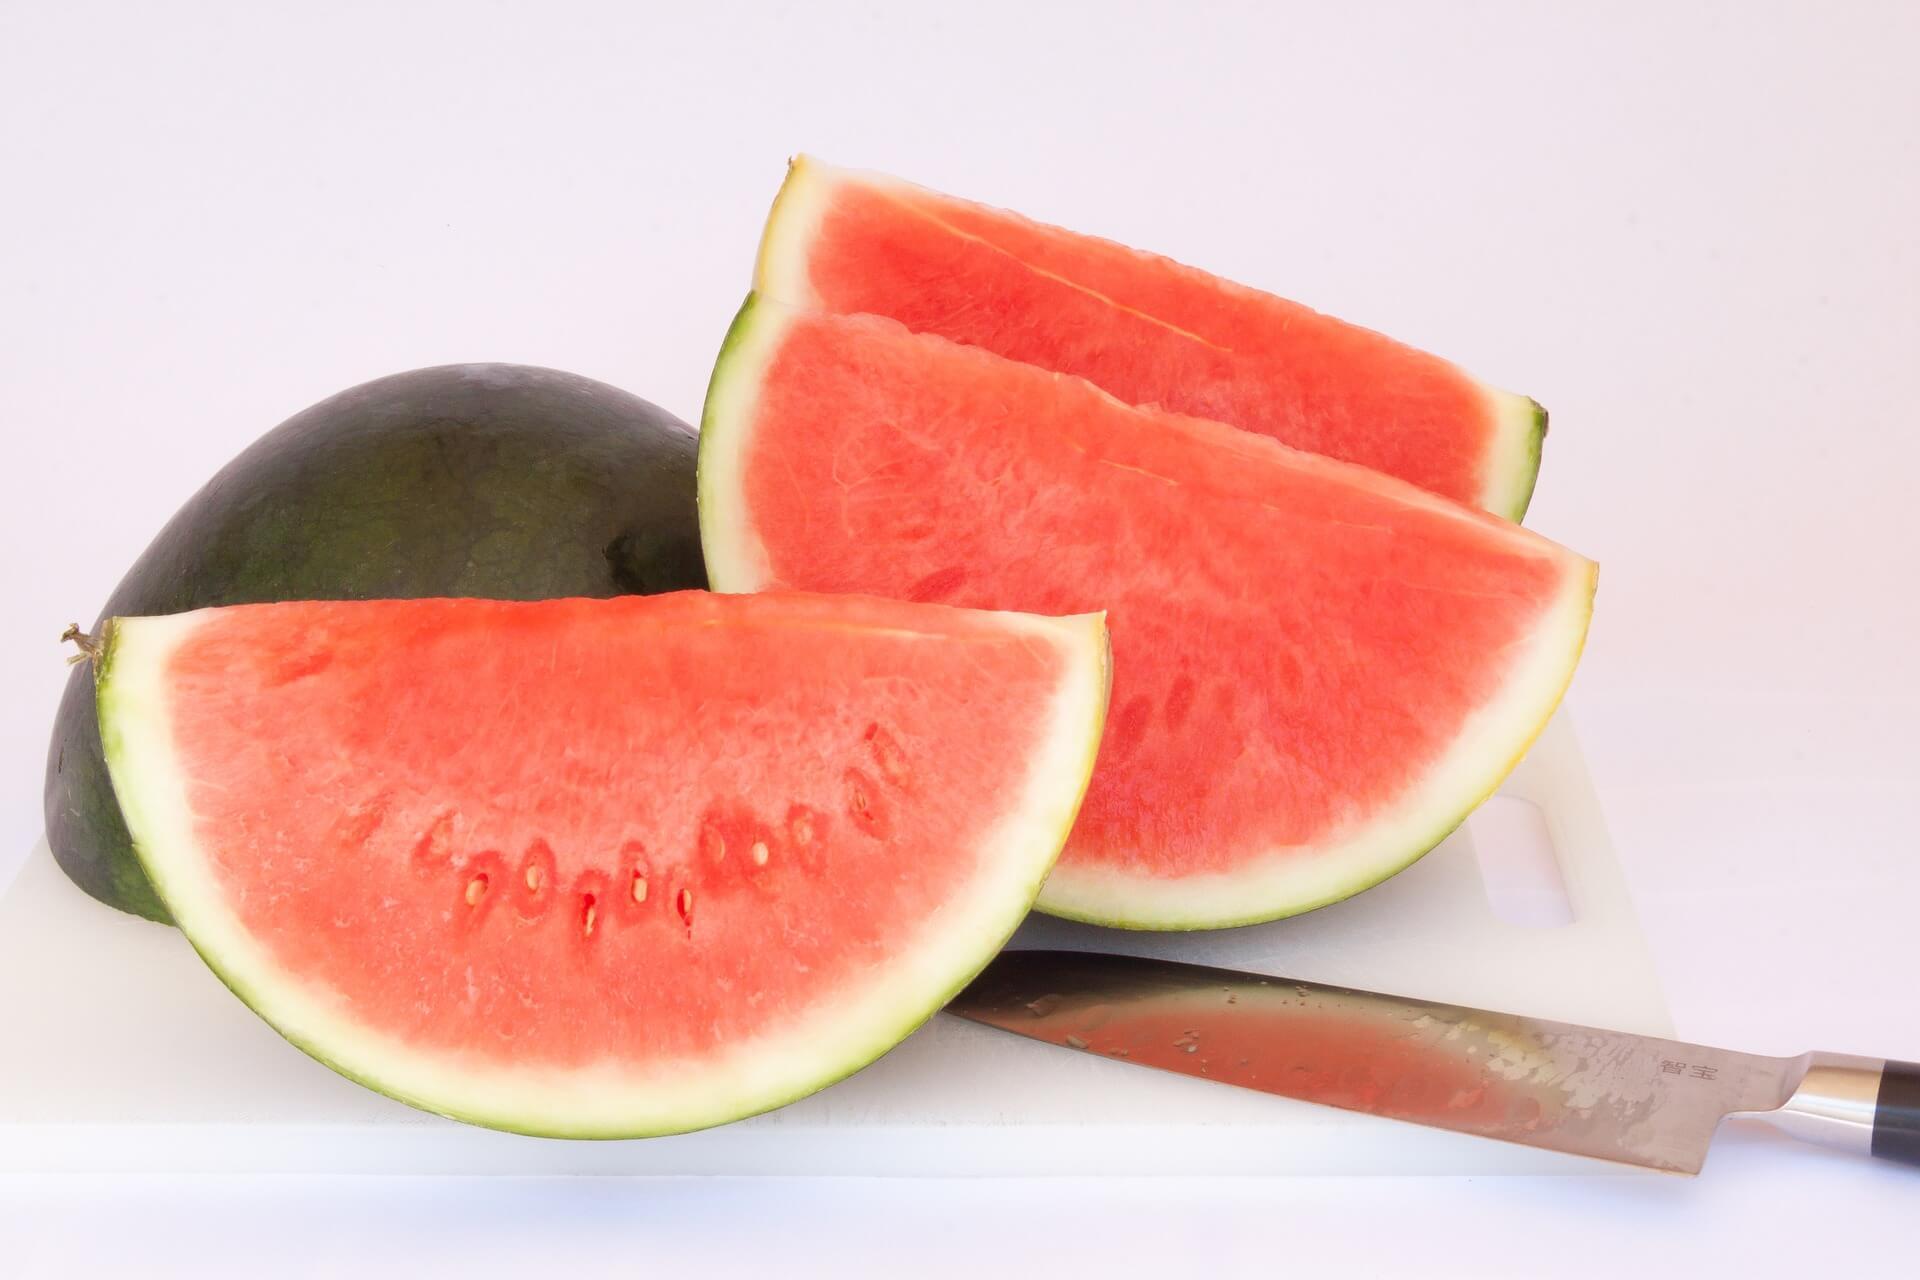 rizika při konzumaci melounů